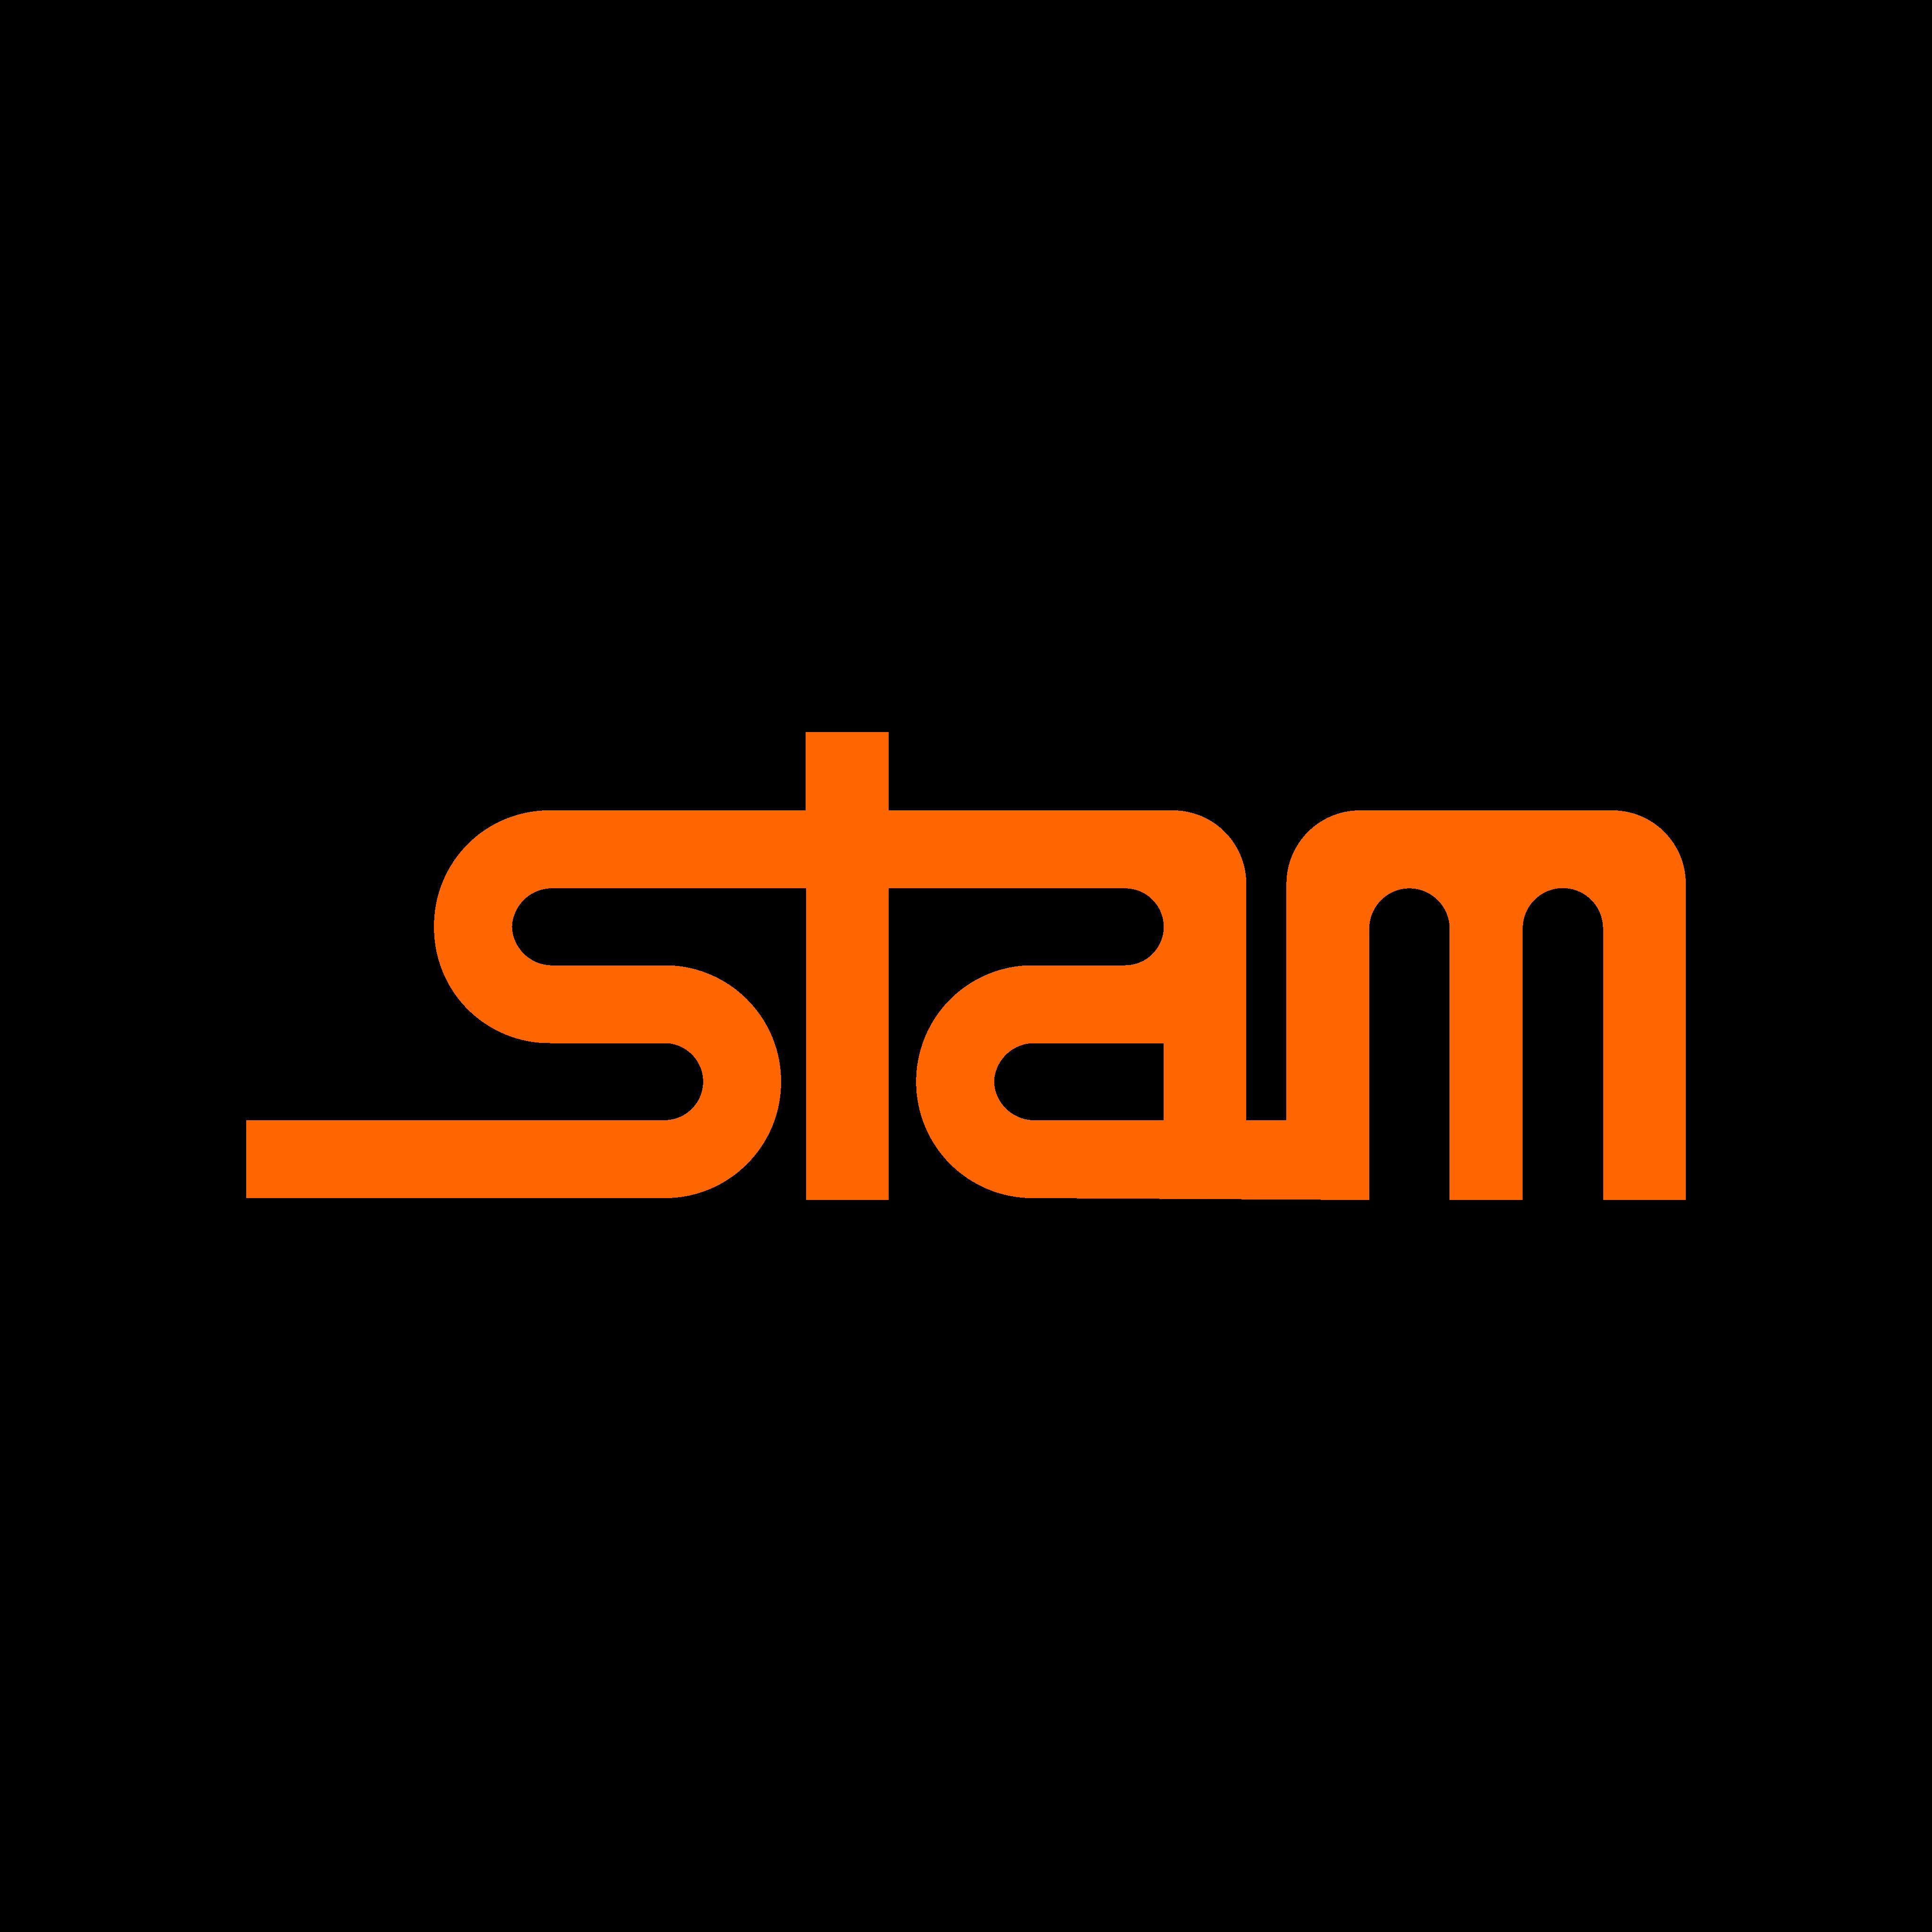 stam logo 0 - Stam Logo